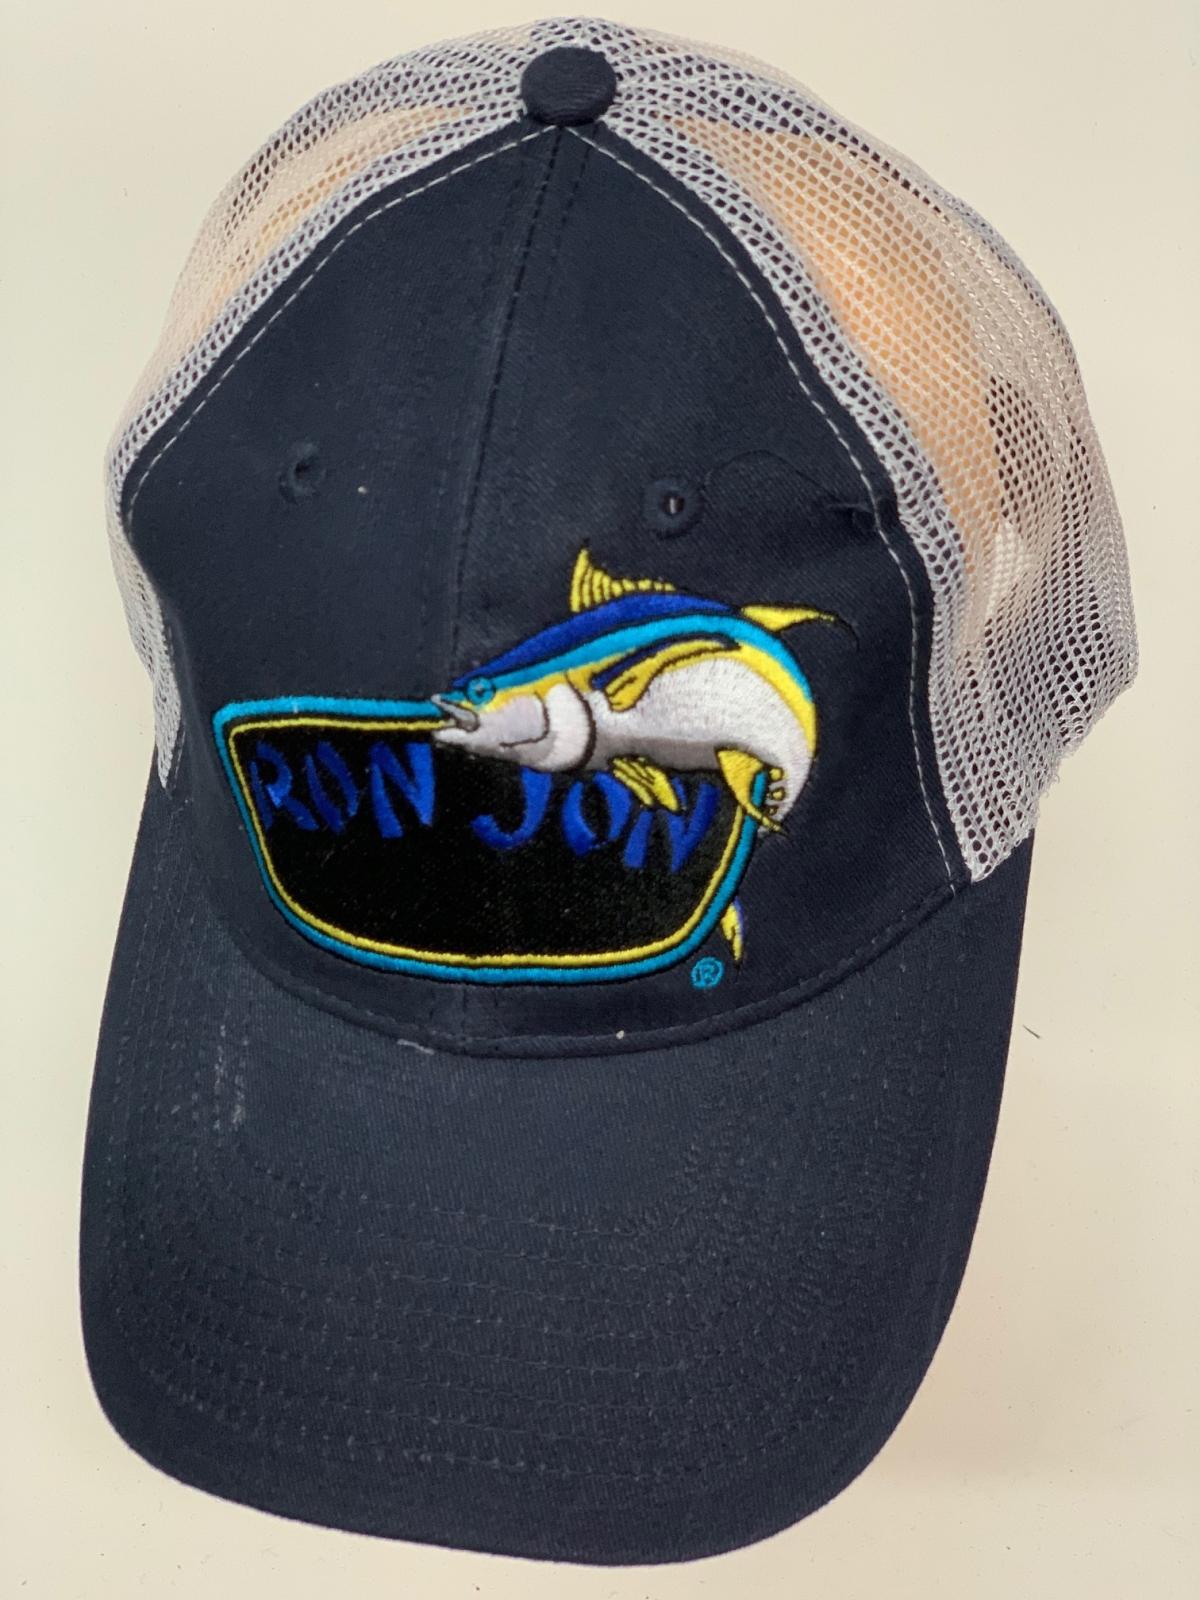 Бейсболка рыбаку Ron Jon с вышивкой и сеткой